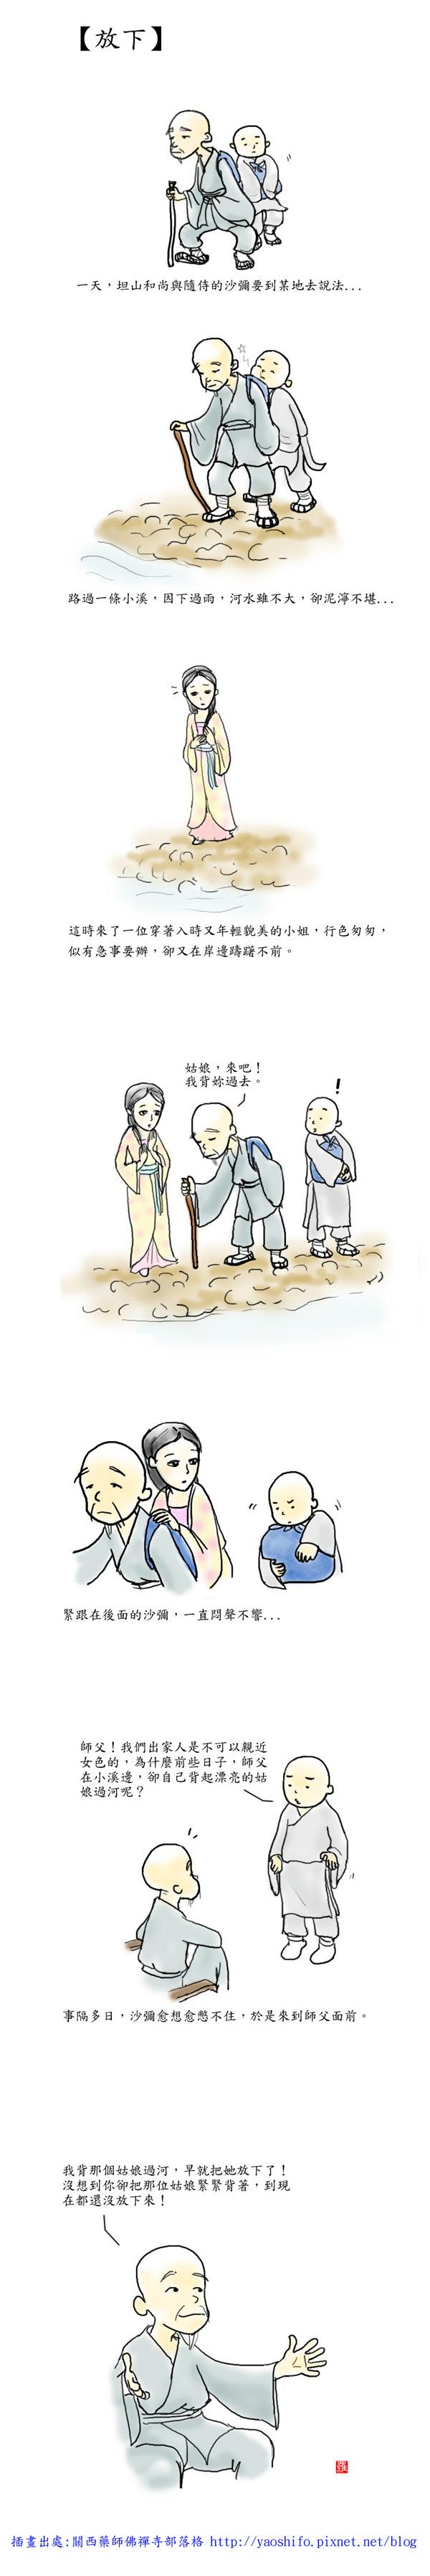 佛典-放下